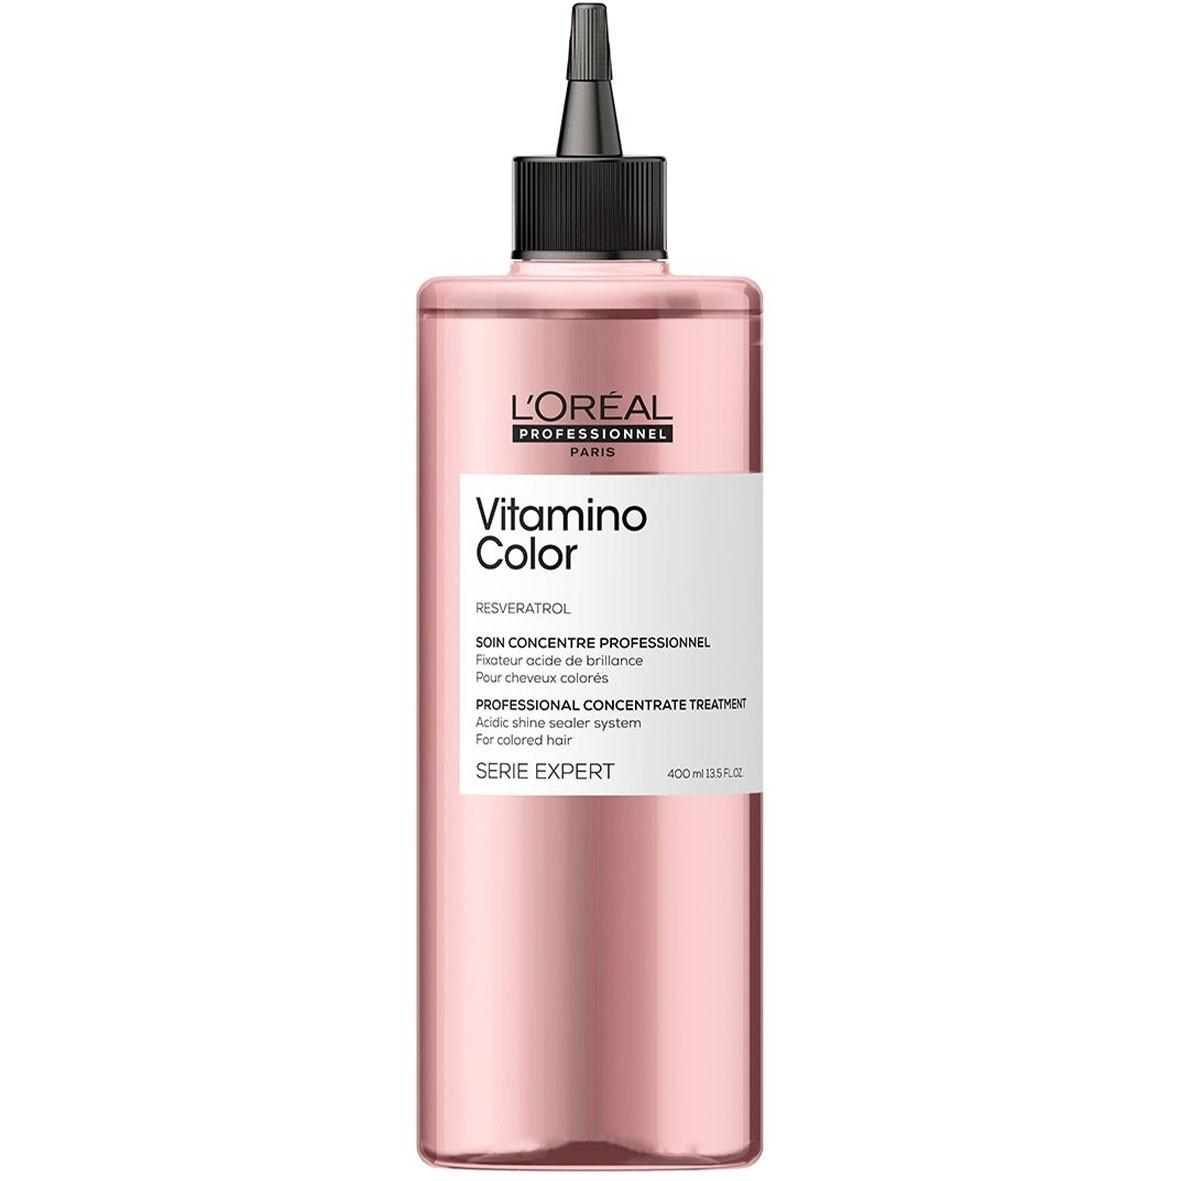 Концентрат для фарбованого волосся LOreal Vitamino Color Concentrate 400 мл